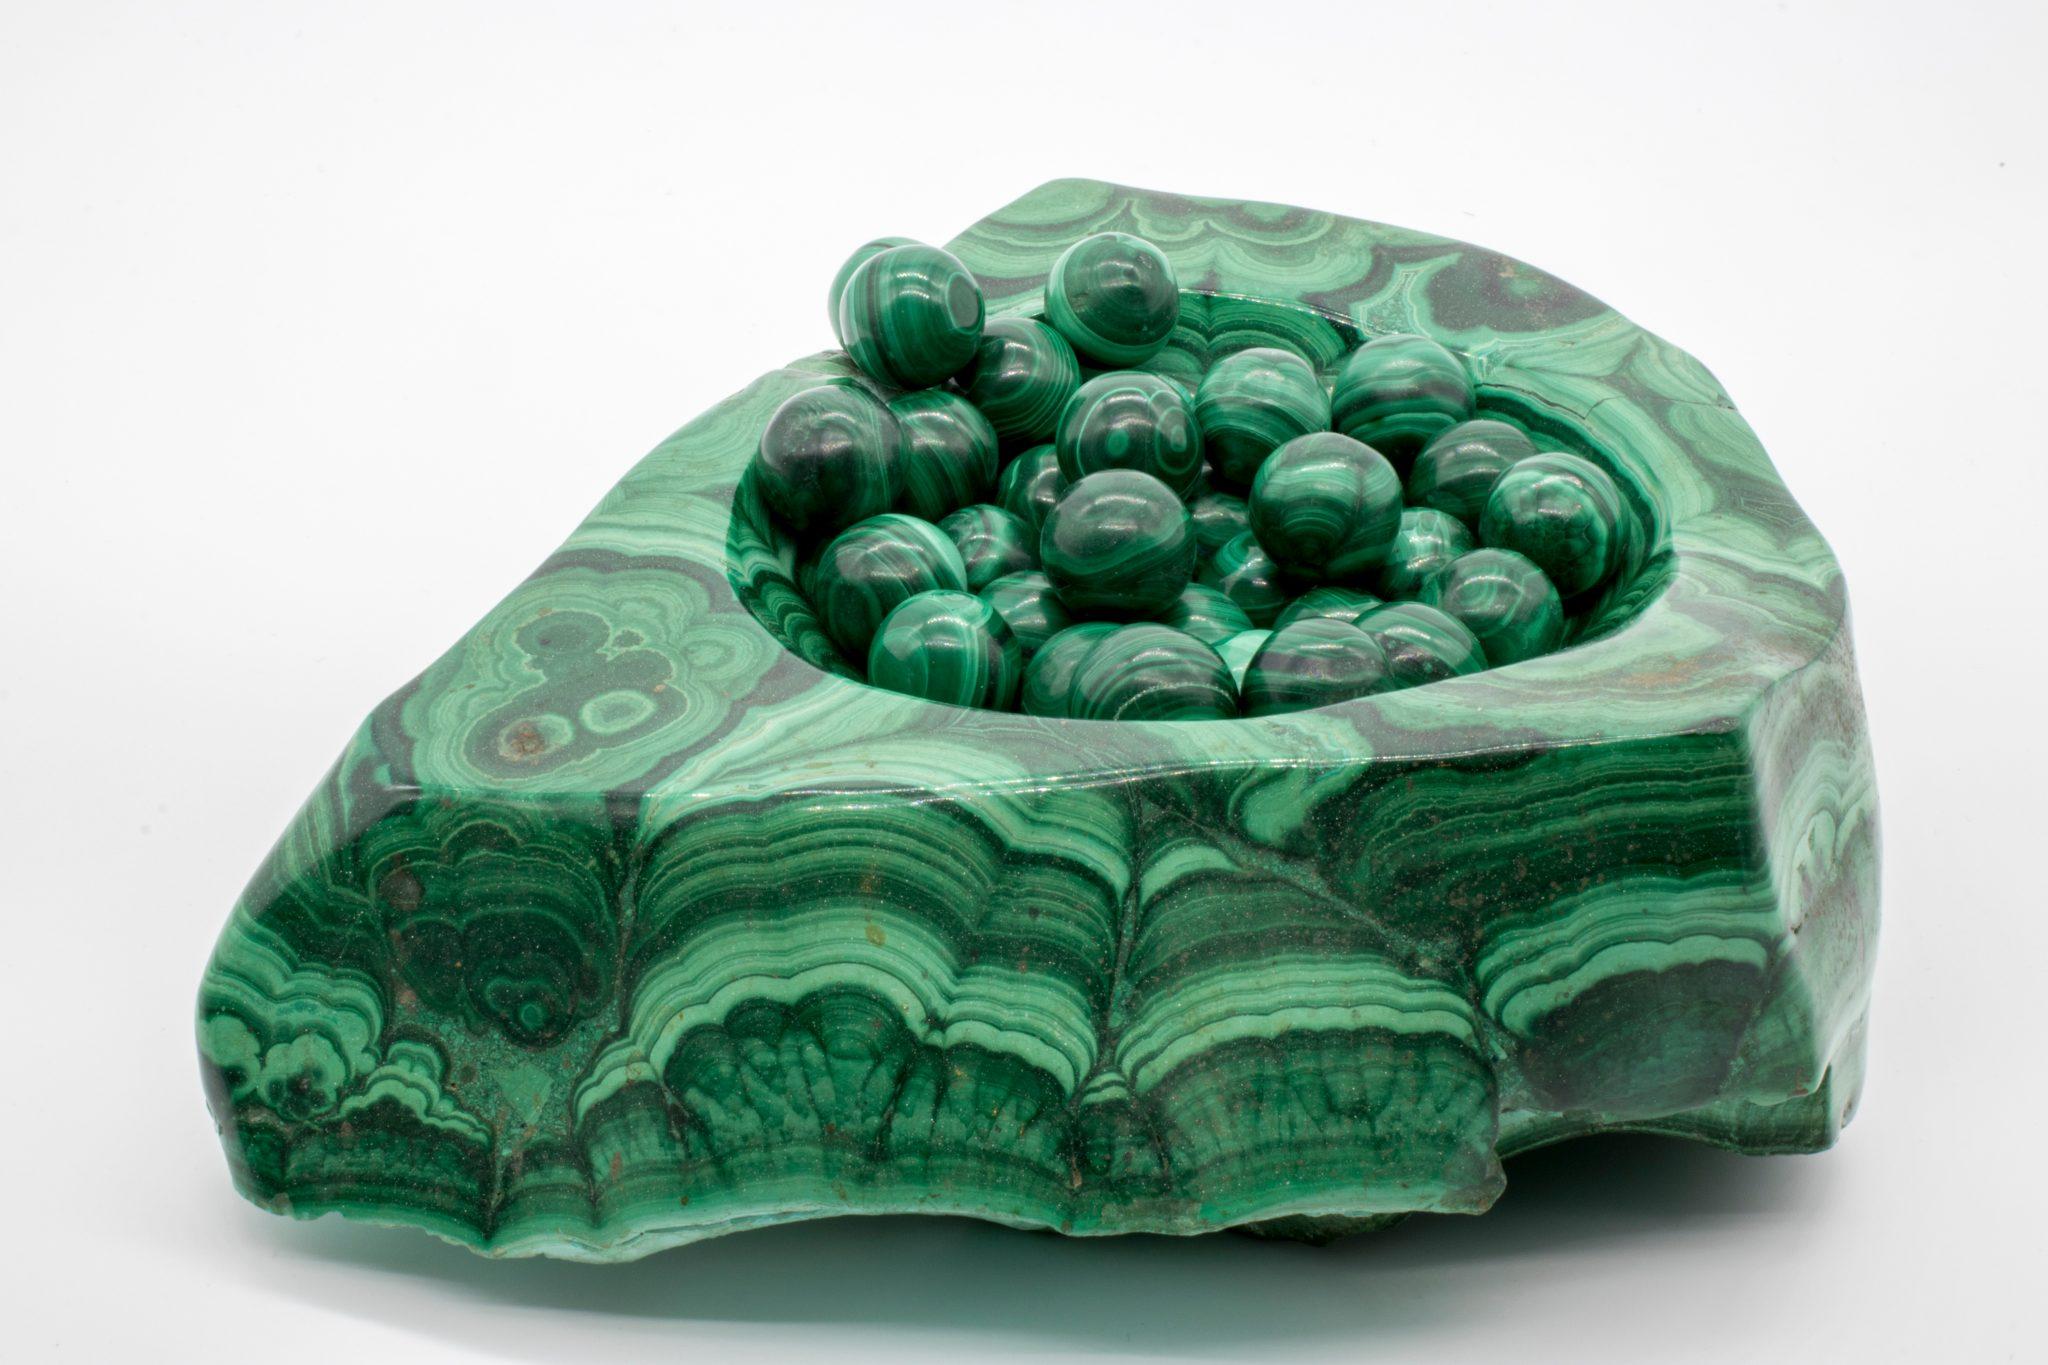 Камень малахит, свойства и кому подходит по знаку зодиака